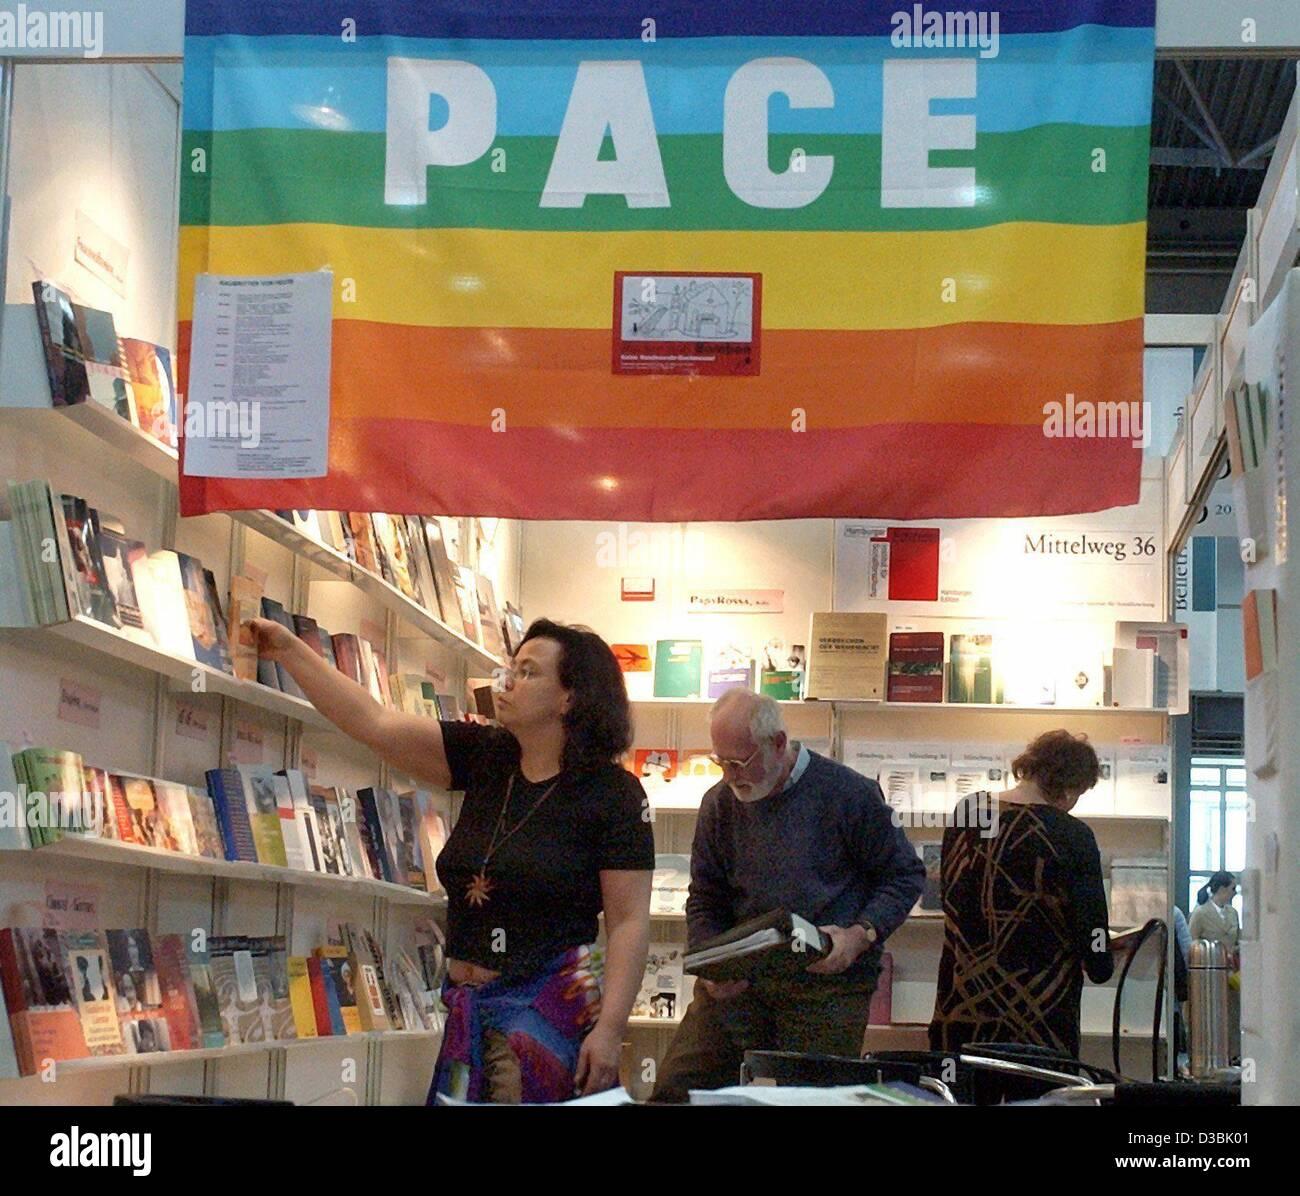 Market Pace Imágenes De Stock   Market Pace Fotos De Stock - Alamy 7c3565613a6